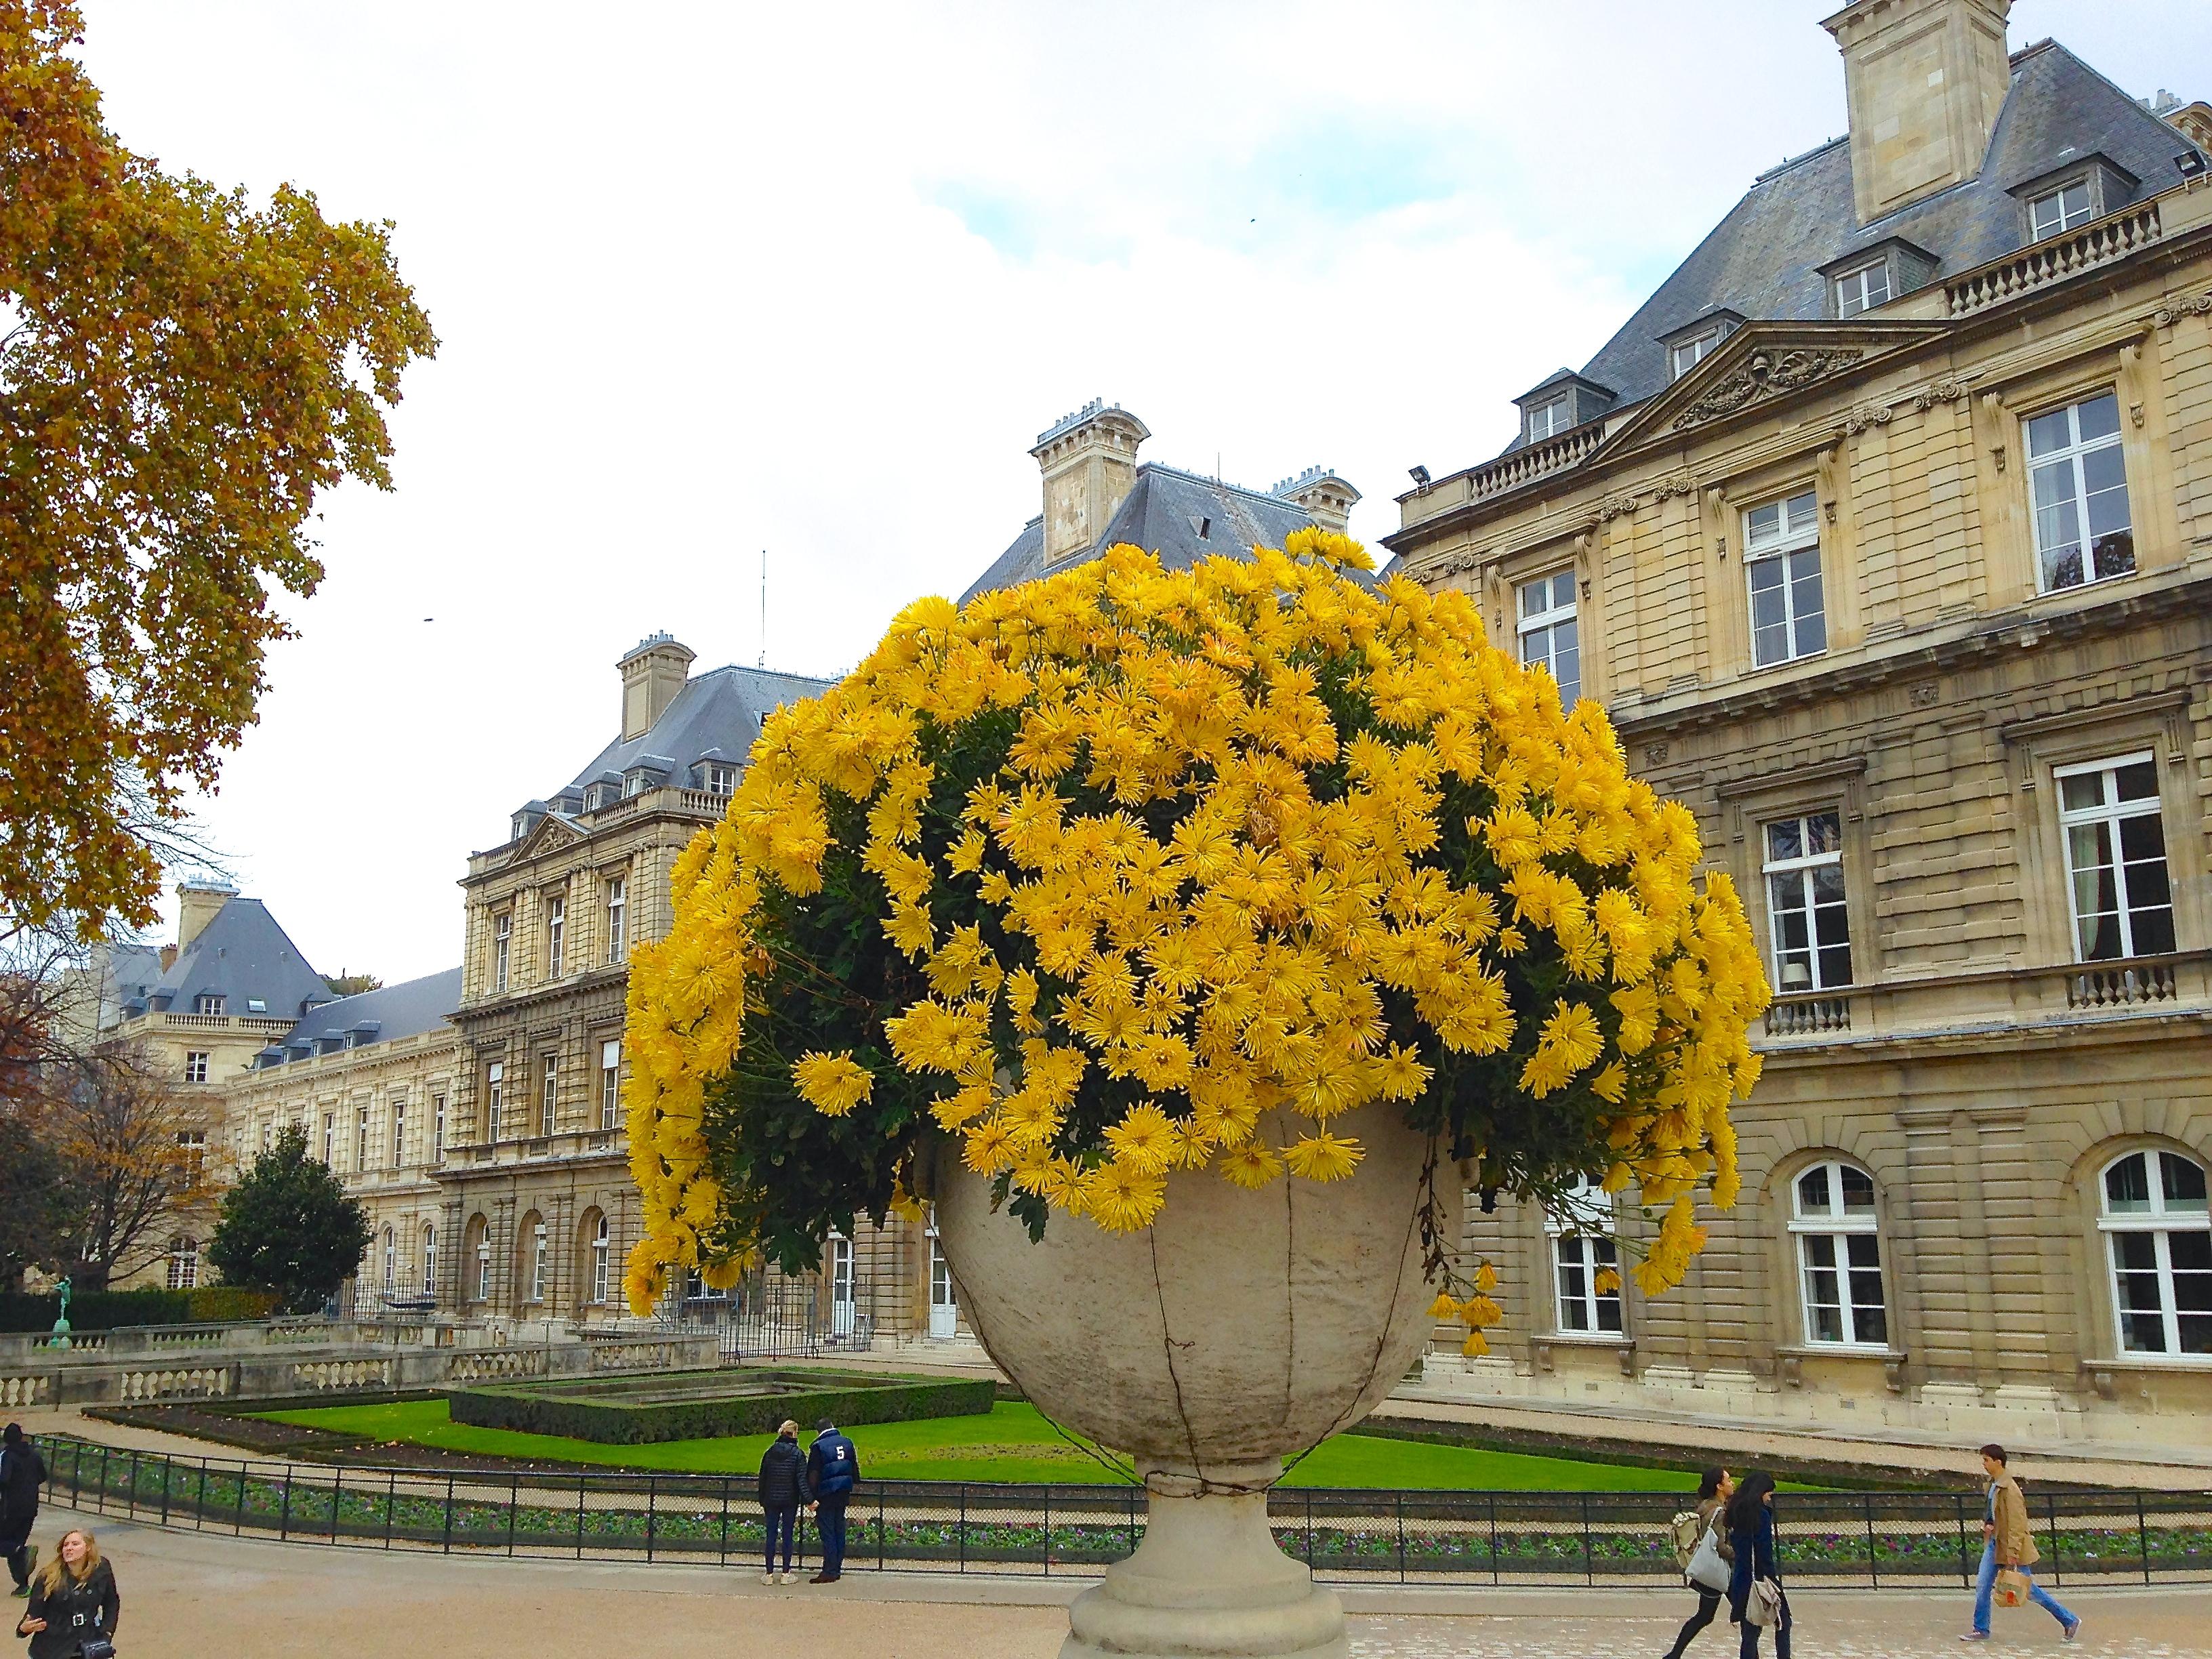 Jardin du luxembourg livro de viagens for Jardines de luxemburgo paris